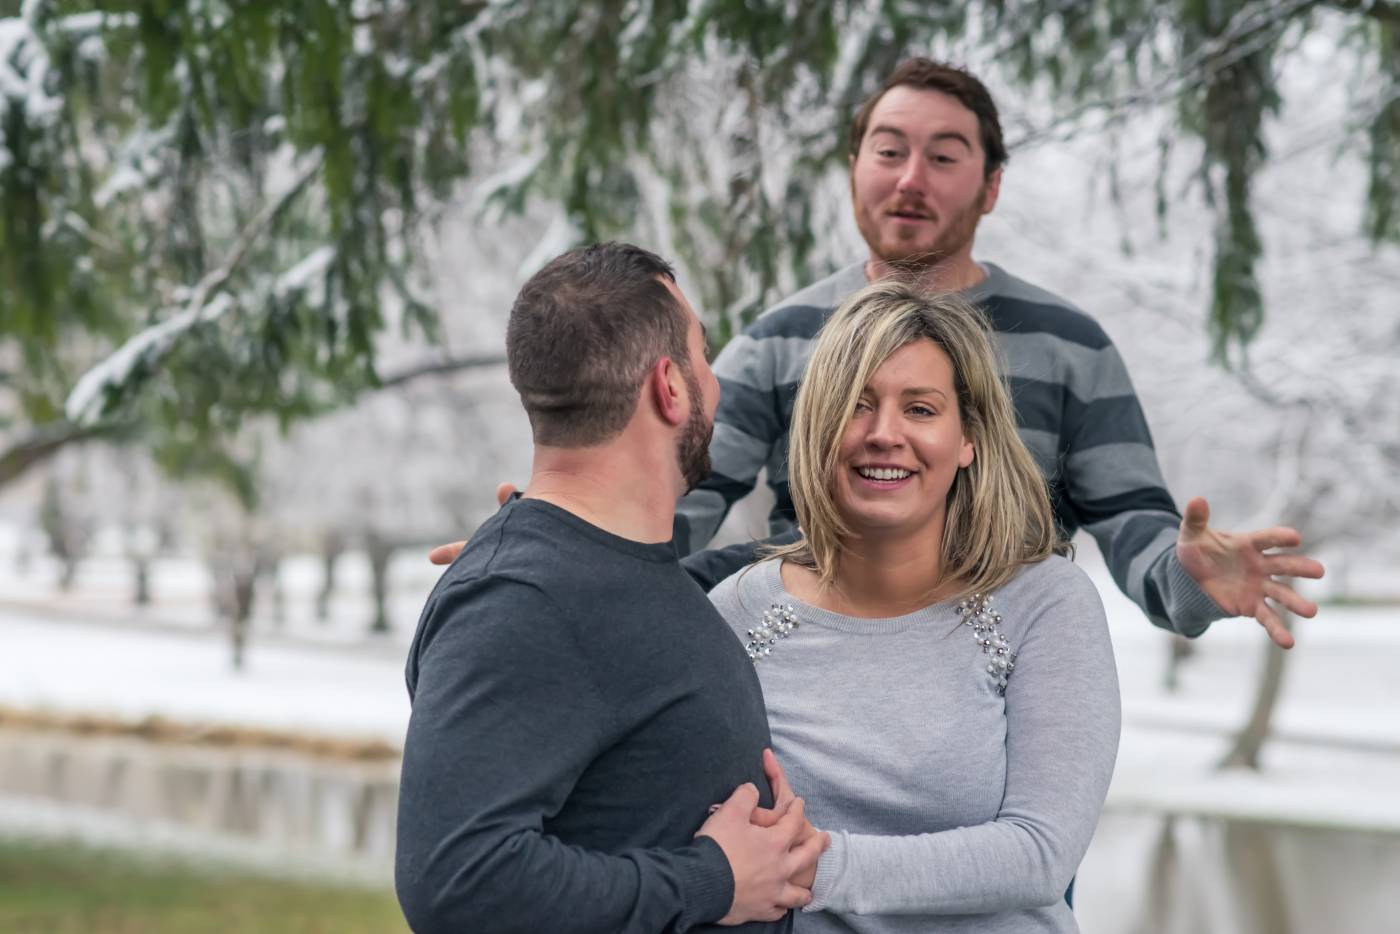 Funny Family Photos